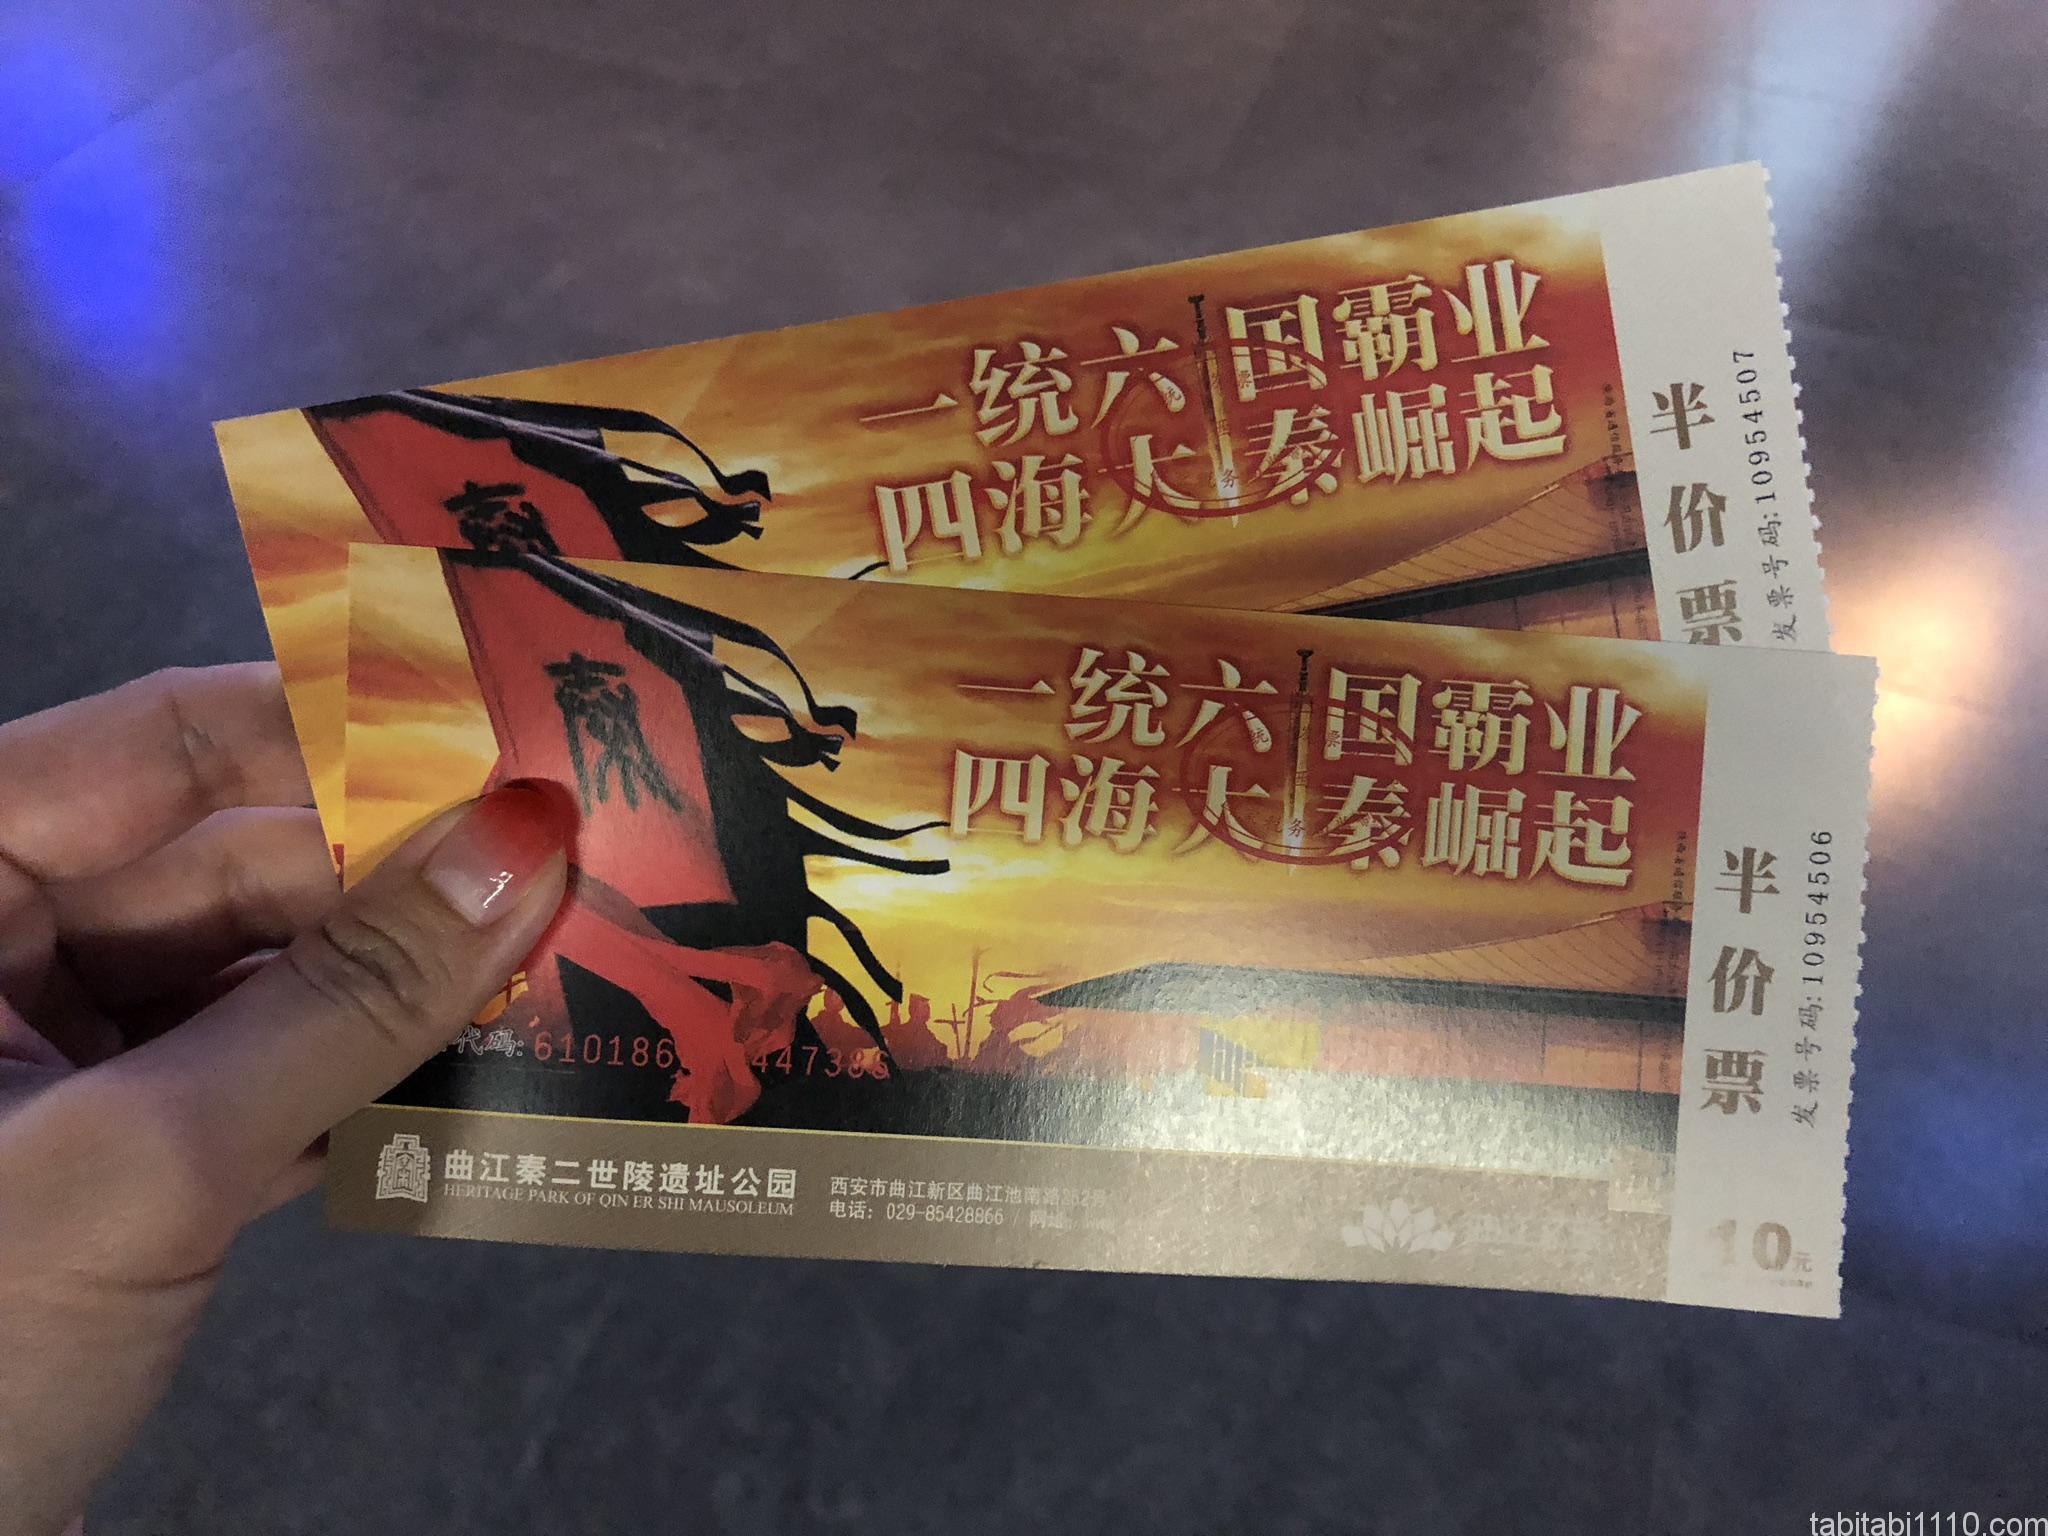 キングダムの聖地|秦二世陵遺跡公園内の博物館チケット